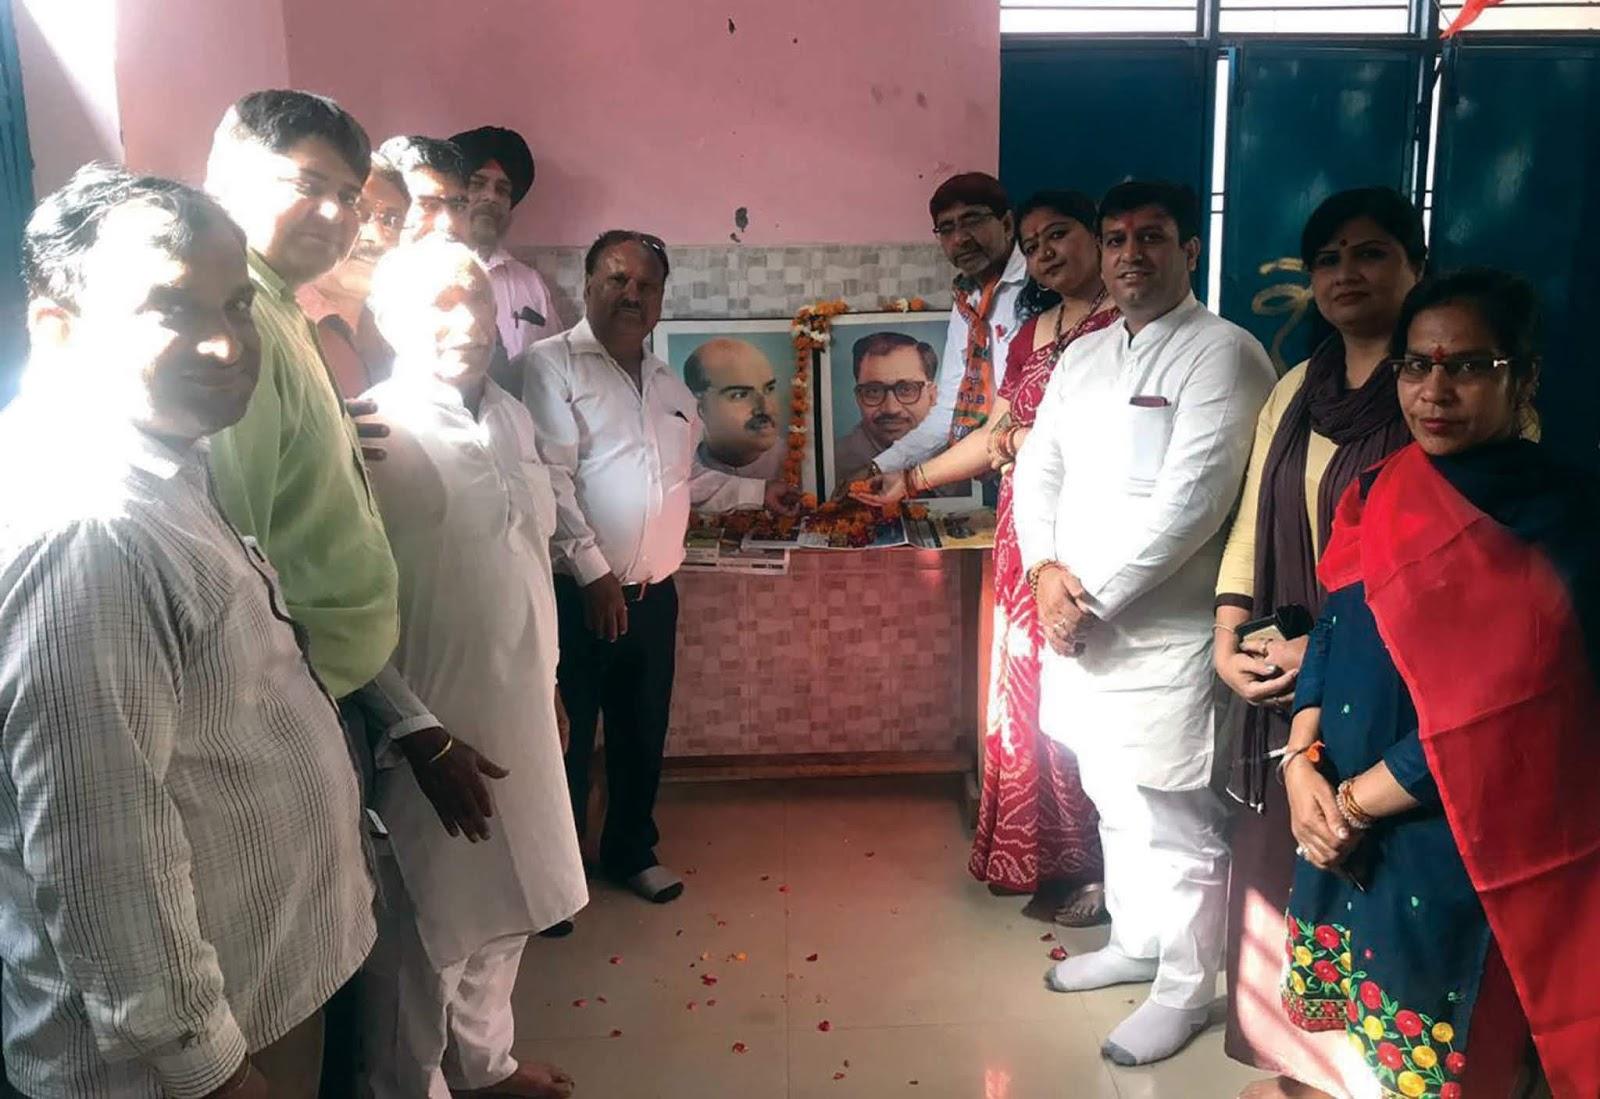 बढखल विधानसभा एनएच मण्डल ने भाजपा का स्थापना दिवस मनाया : राजन मुथरेजा